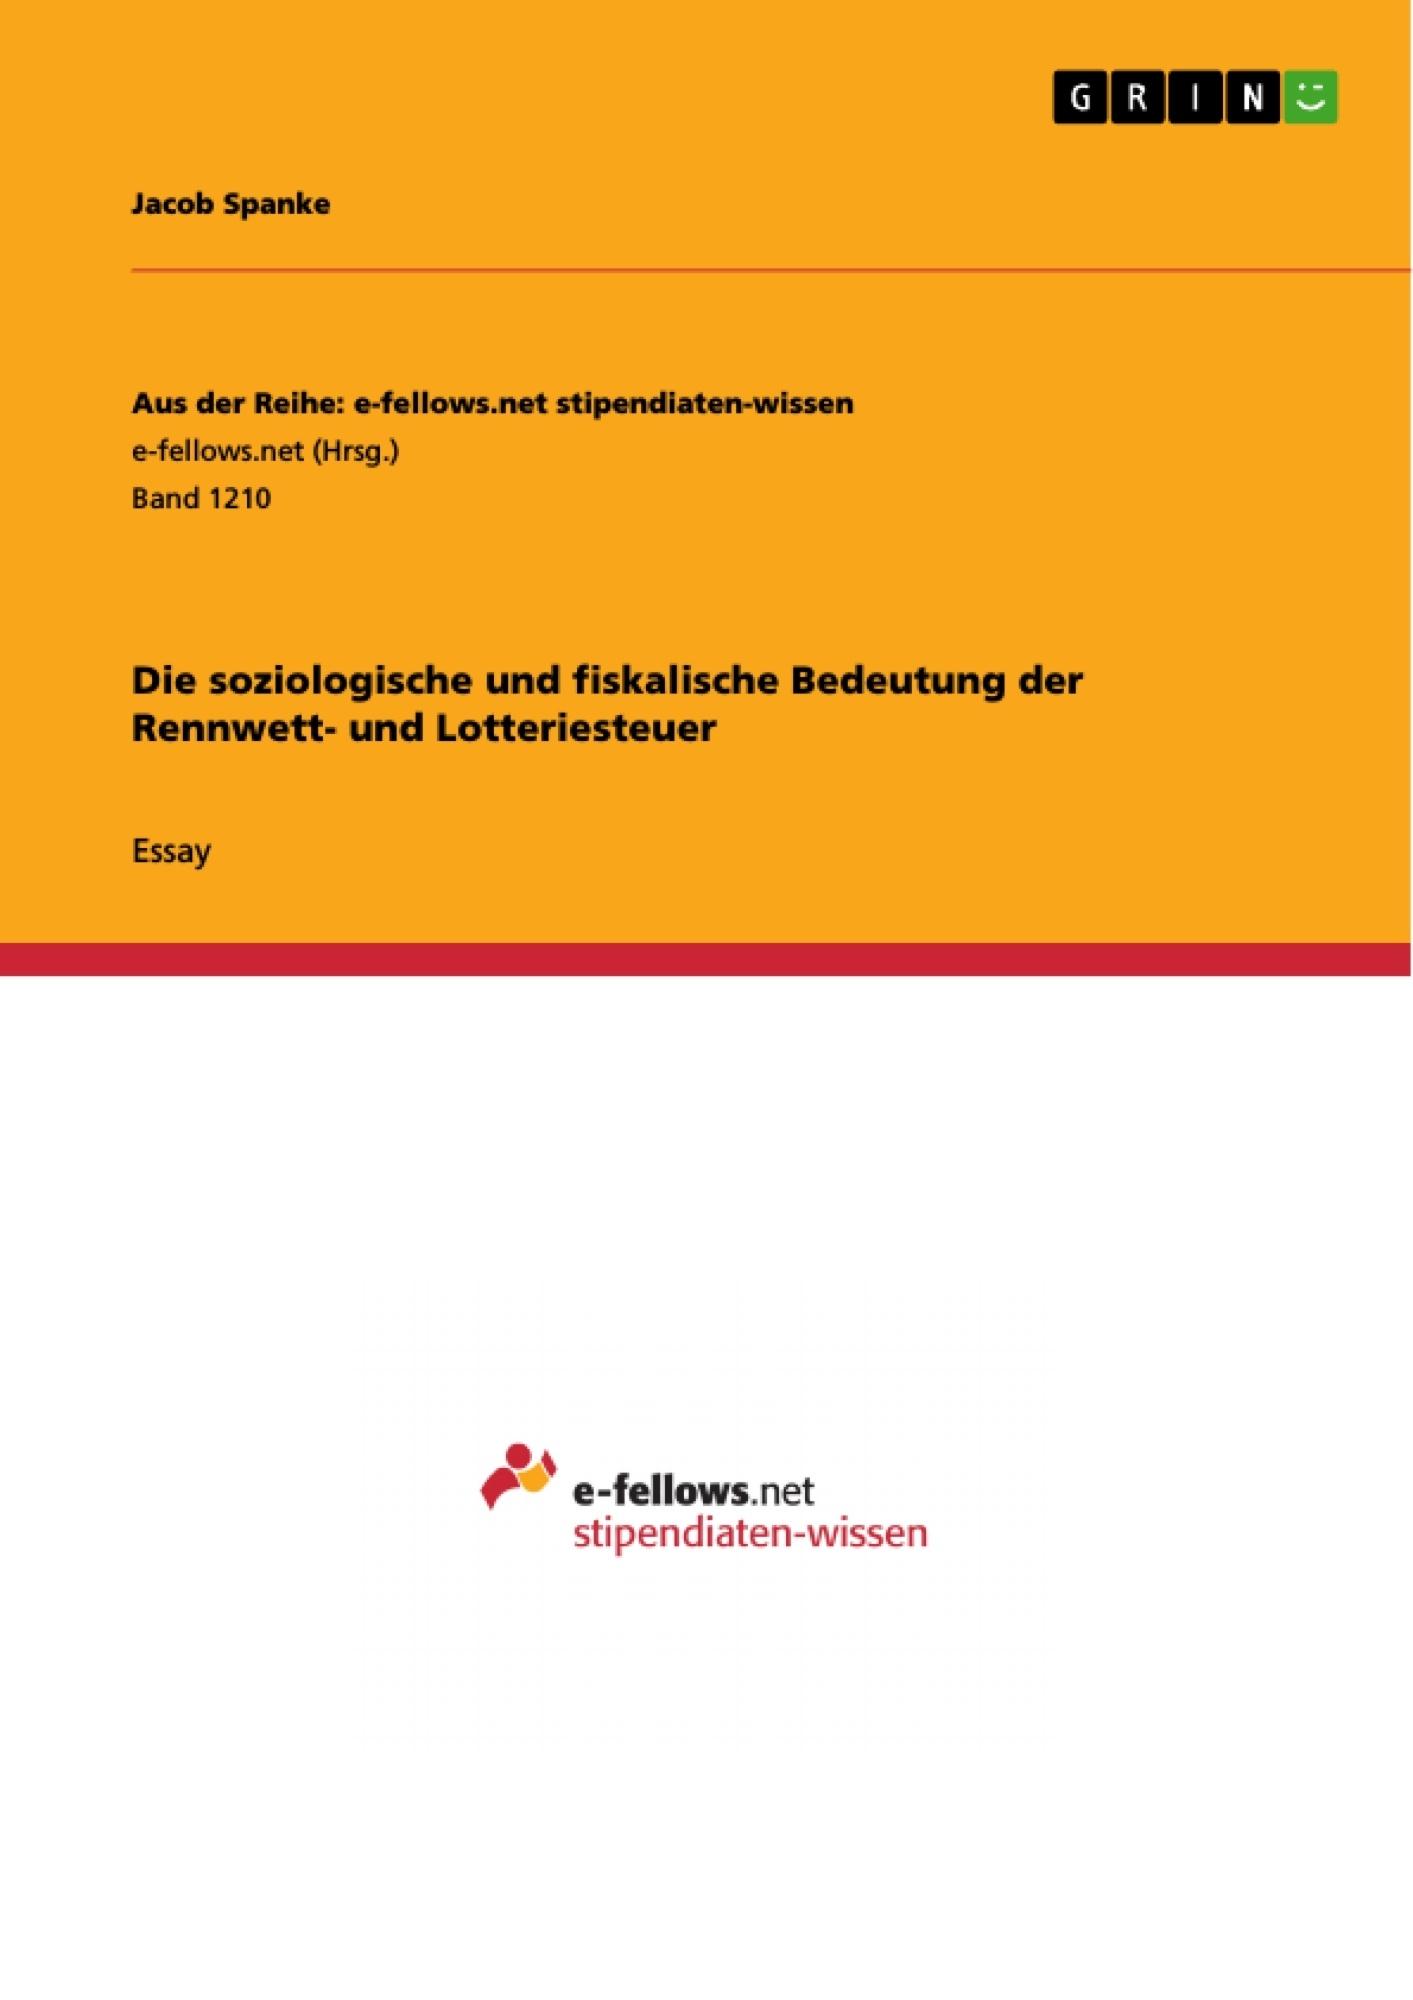 Titel: Die soziologische und fiskalische Bedeutung der Rennwett- und Lotteriesteuer